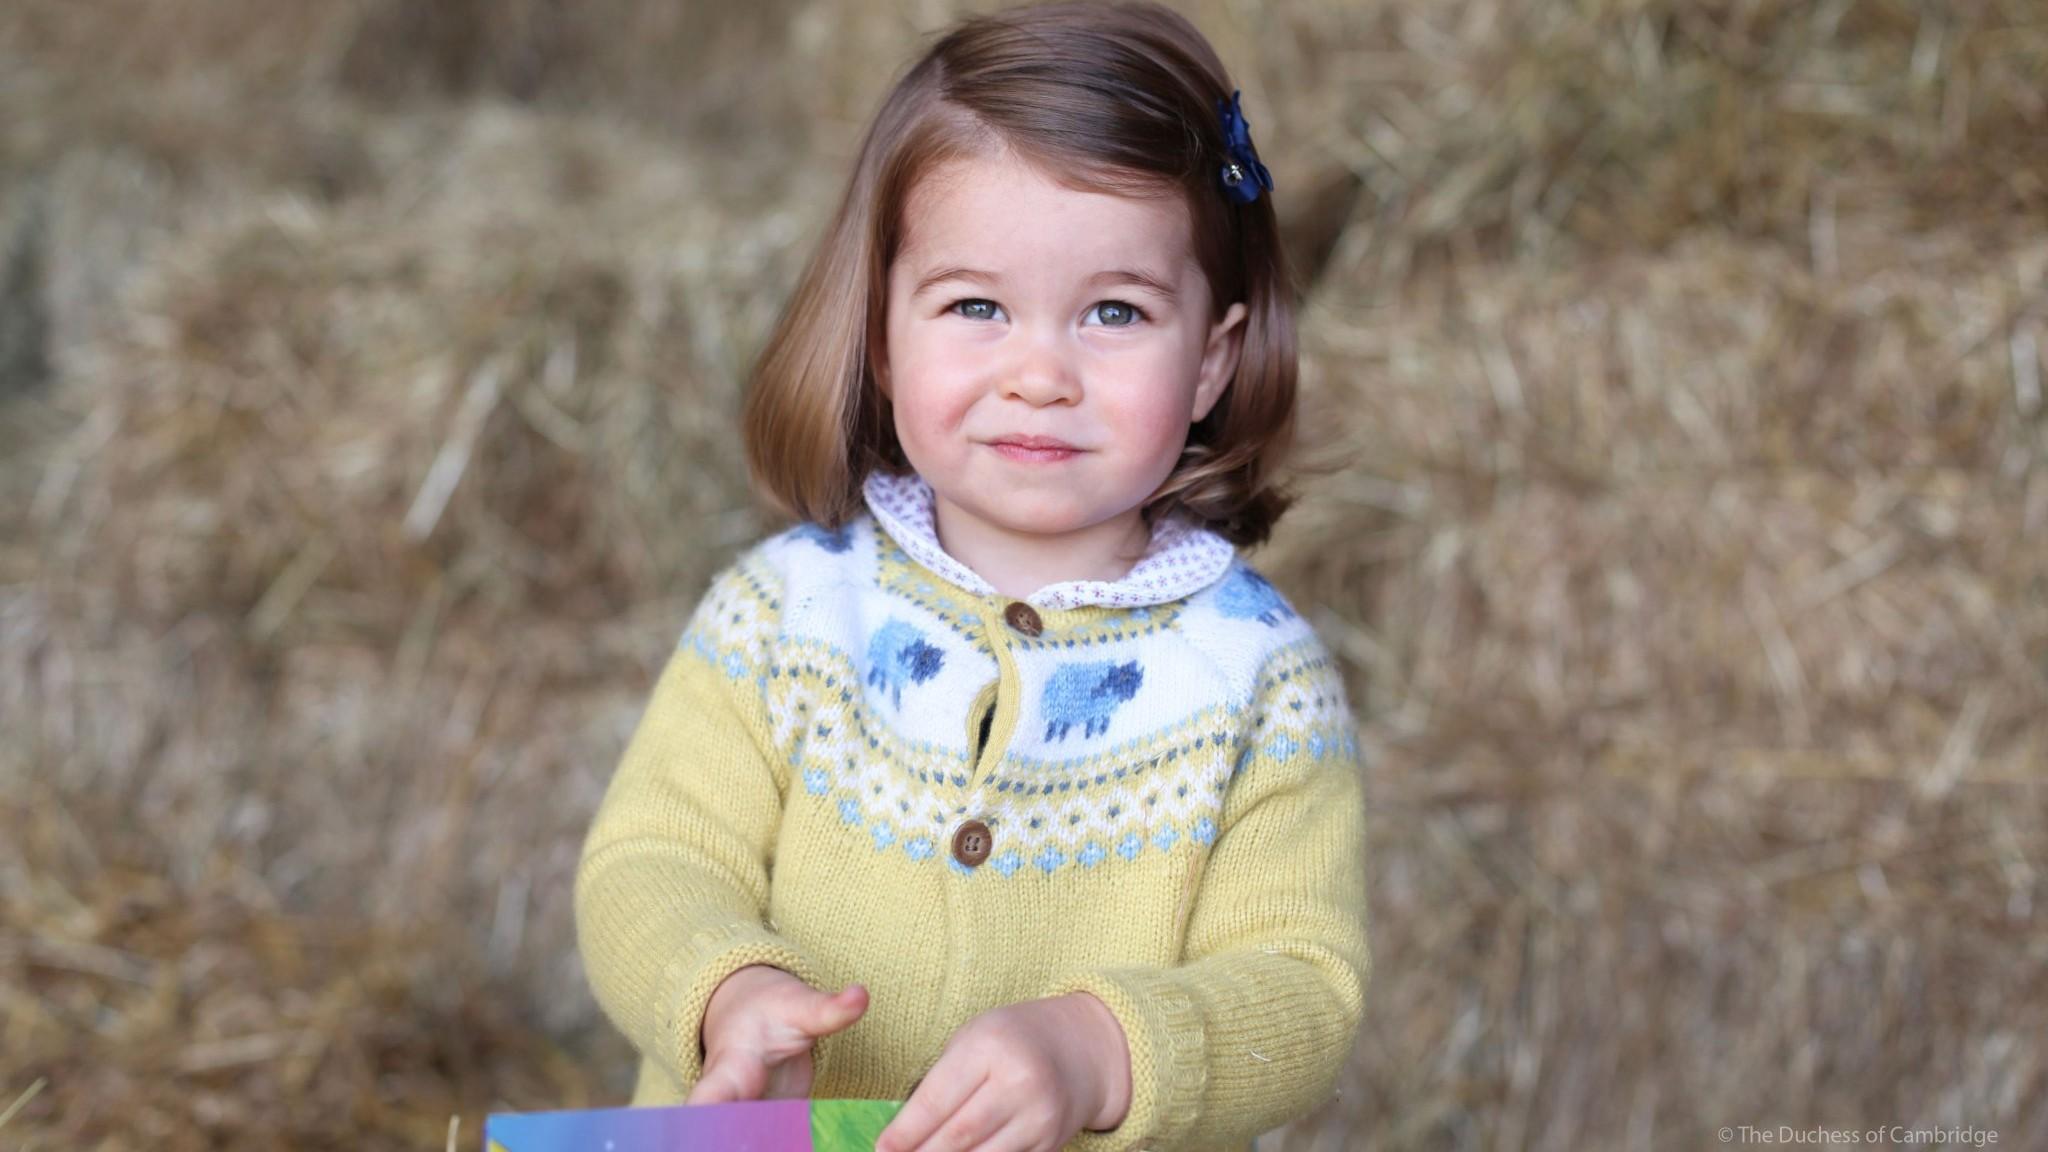 Charlotte compie 2 anni, William e Kate pubblicano foto della figlia